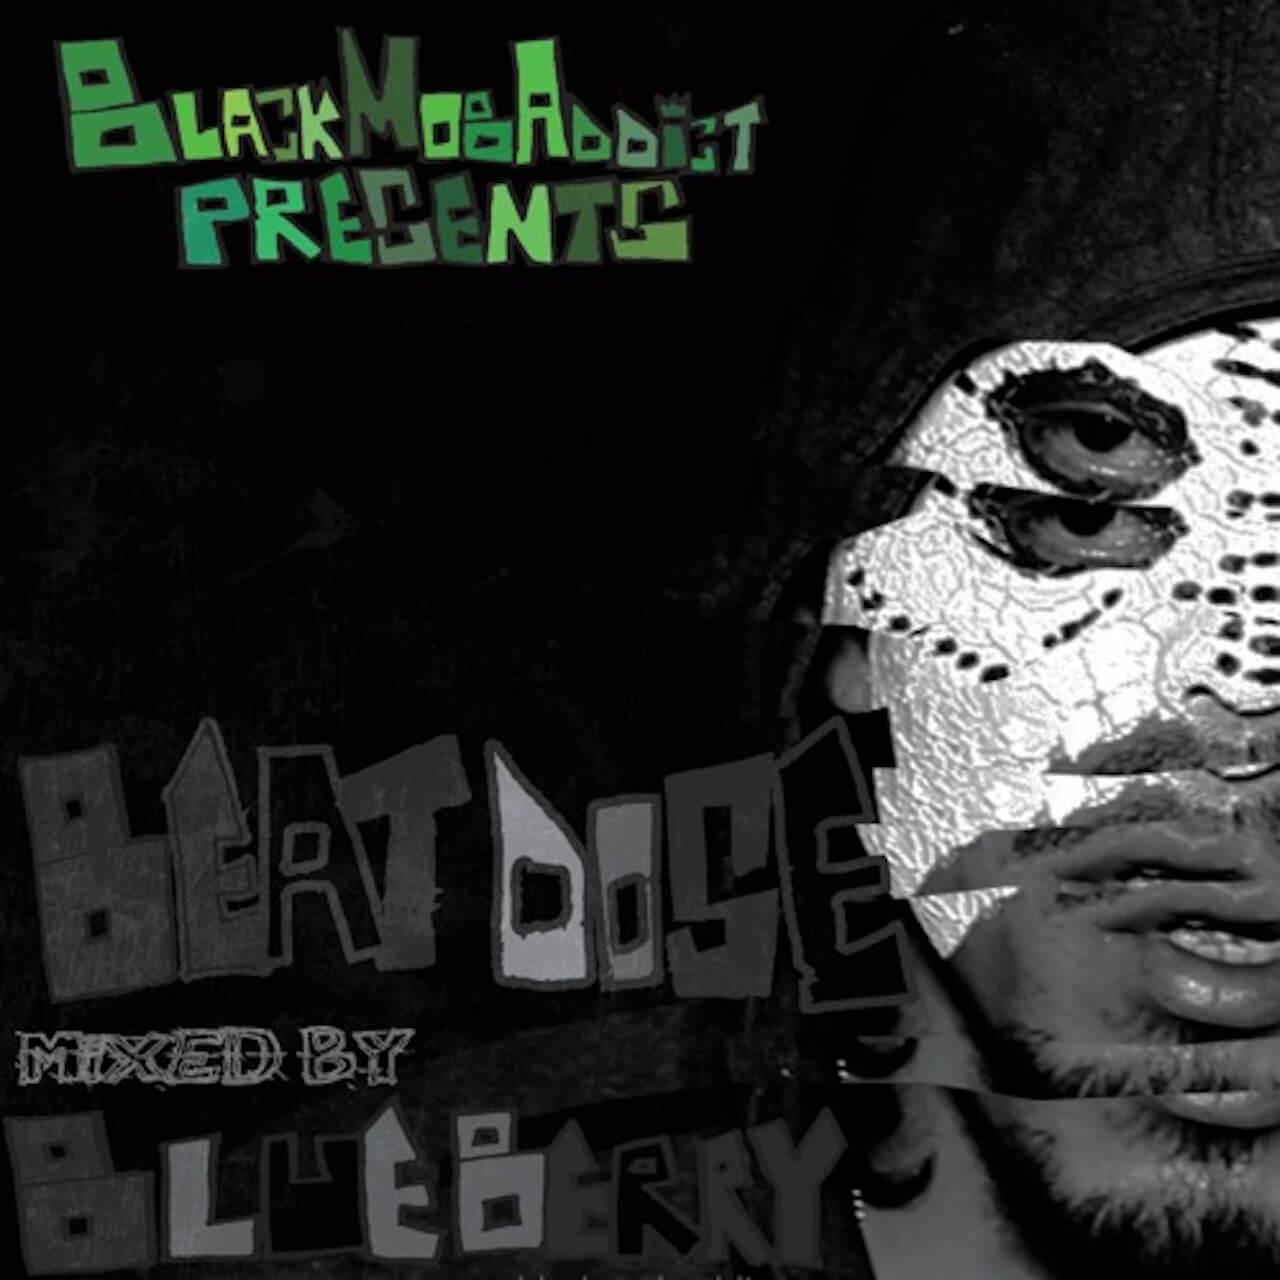 ビートとリズムの大冒険──〈BLACK SMOKER〉のBLUE BERRYが新作MIX CD『BEAT DOZE』をリリース music200807-blue-berry-baba